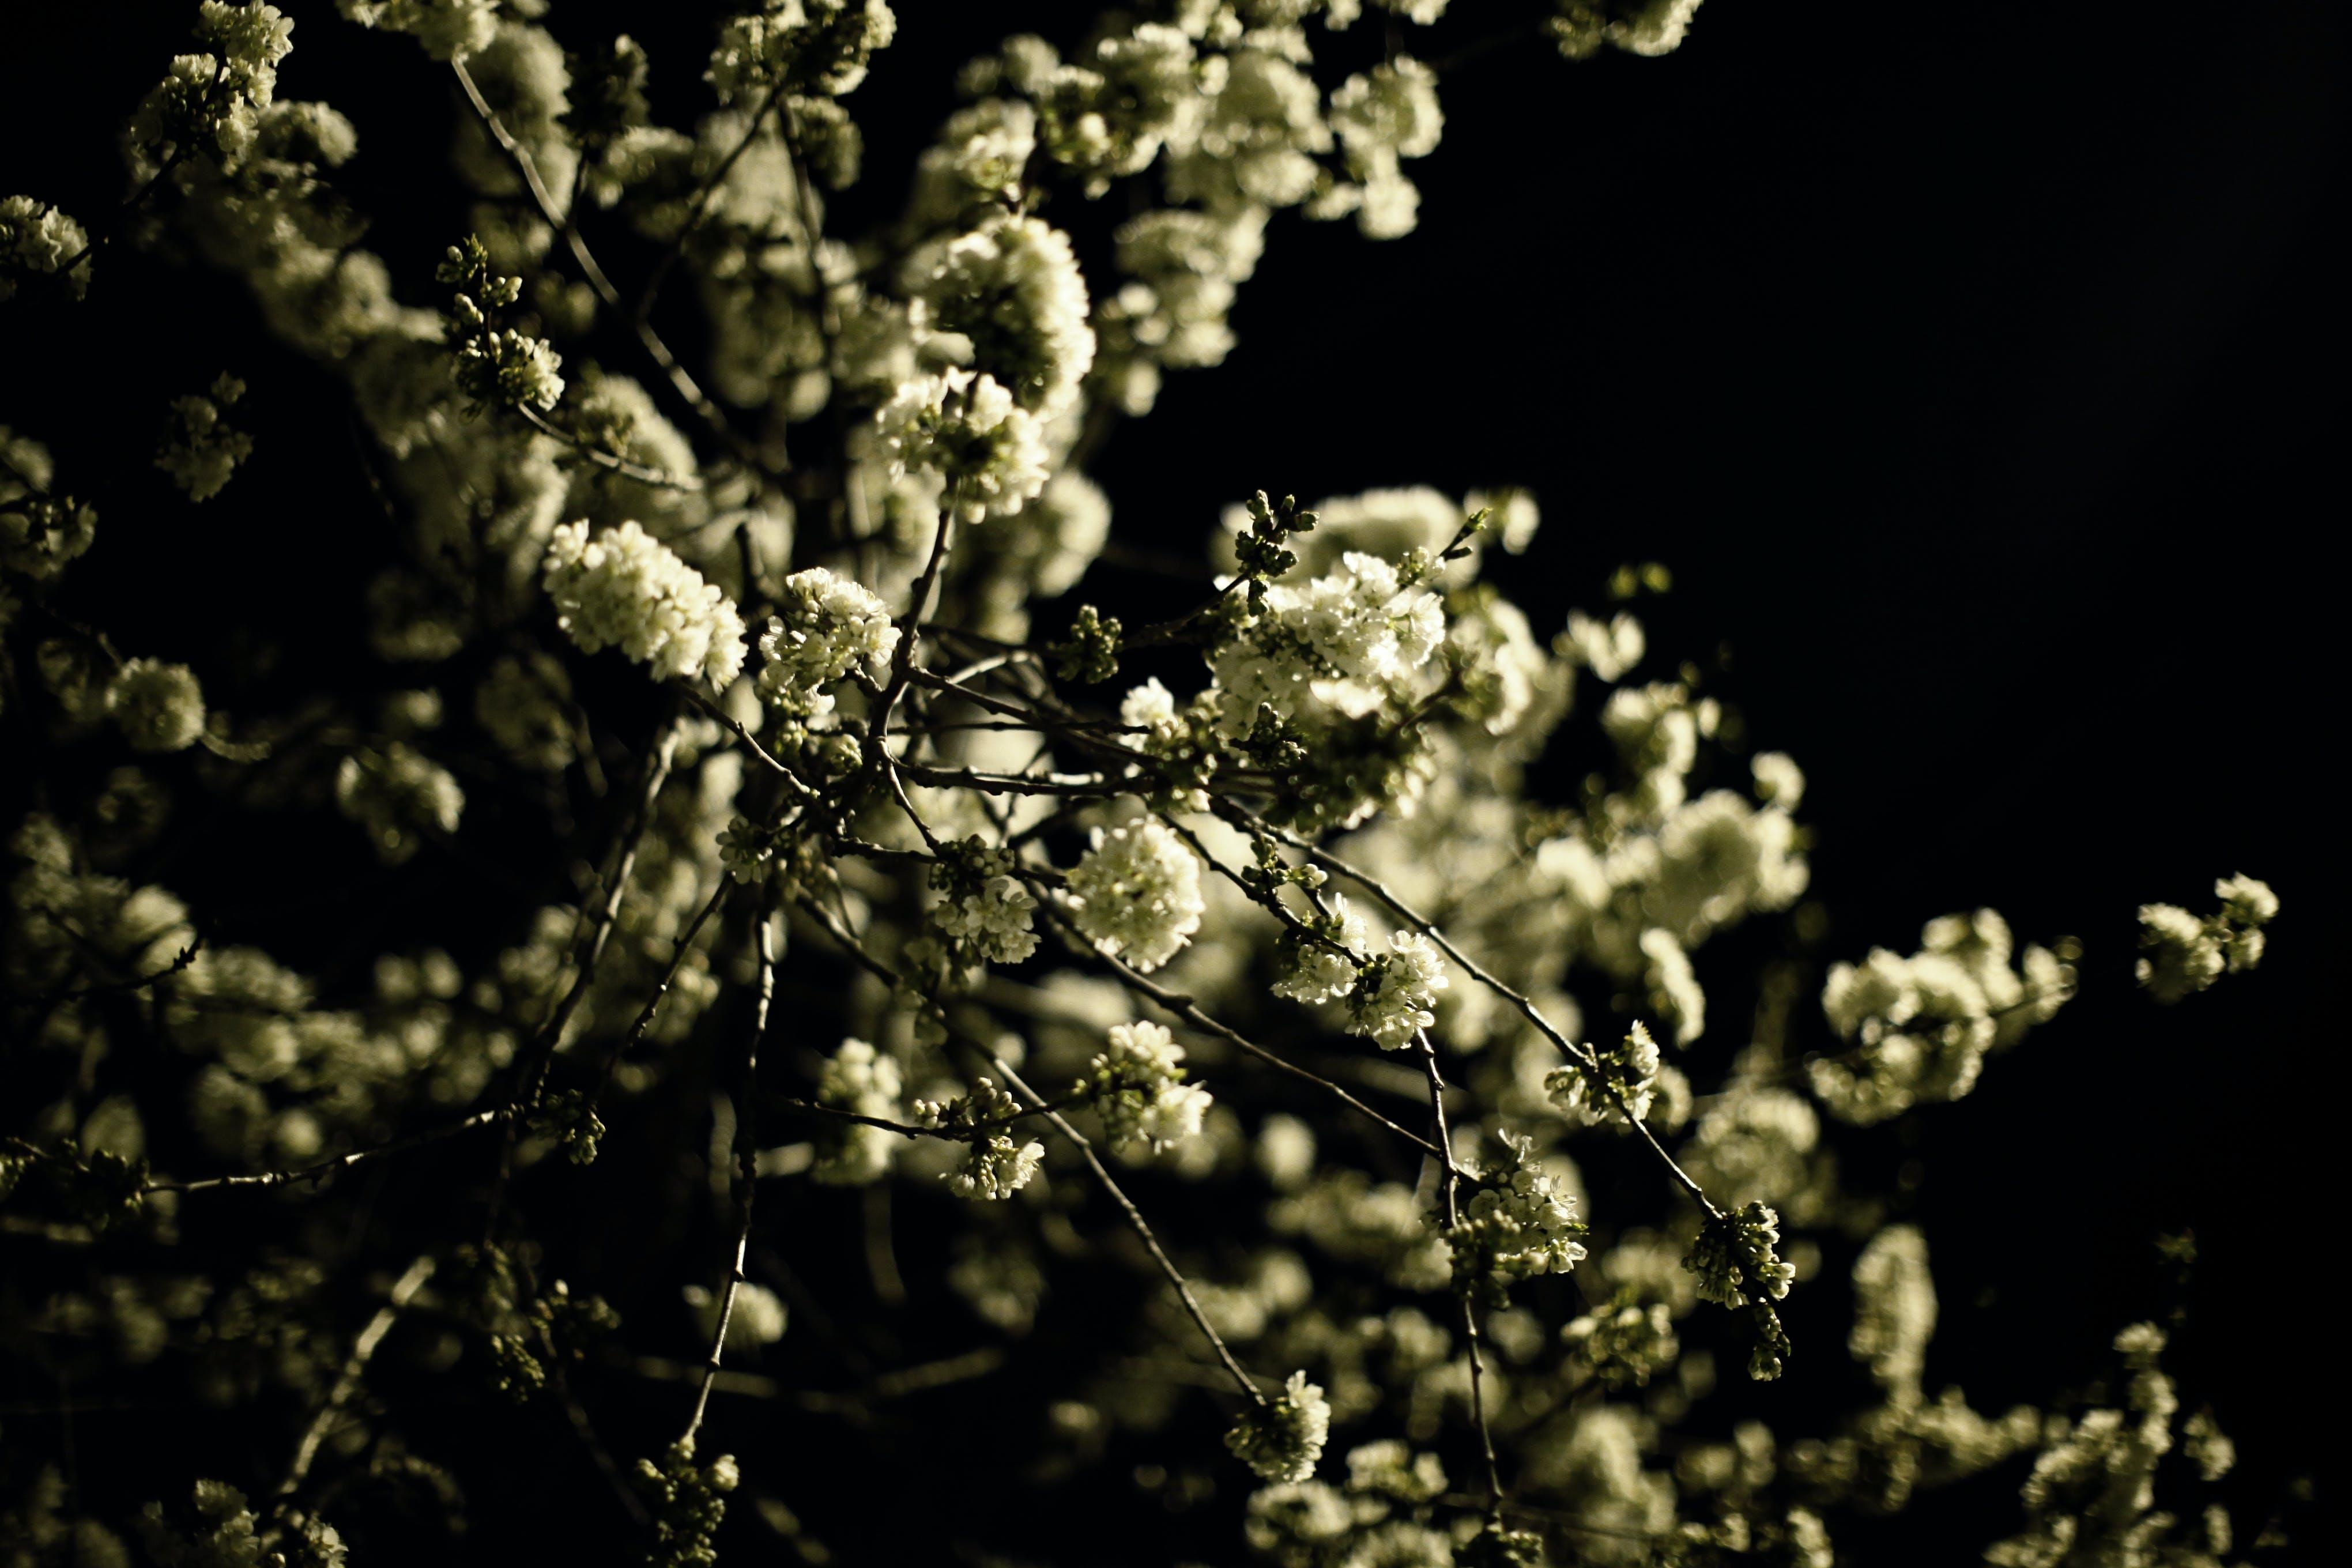 Gratis lagerfoto af #blooms #night #spring